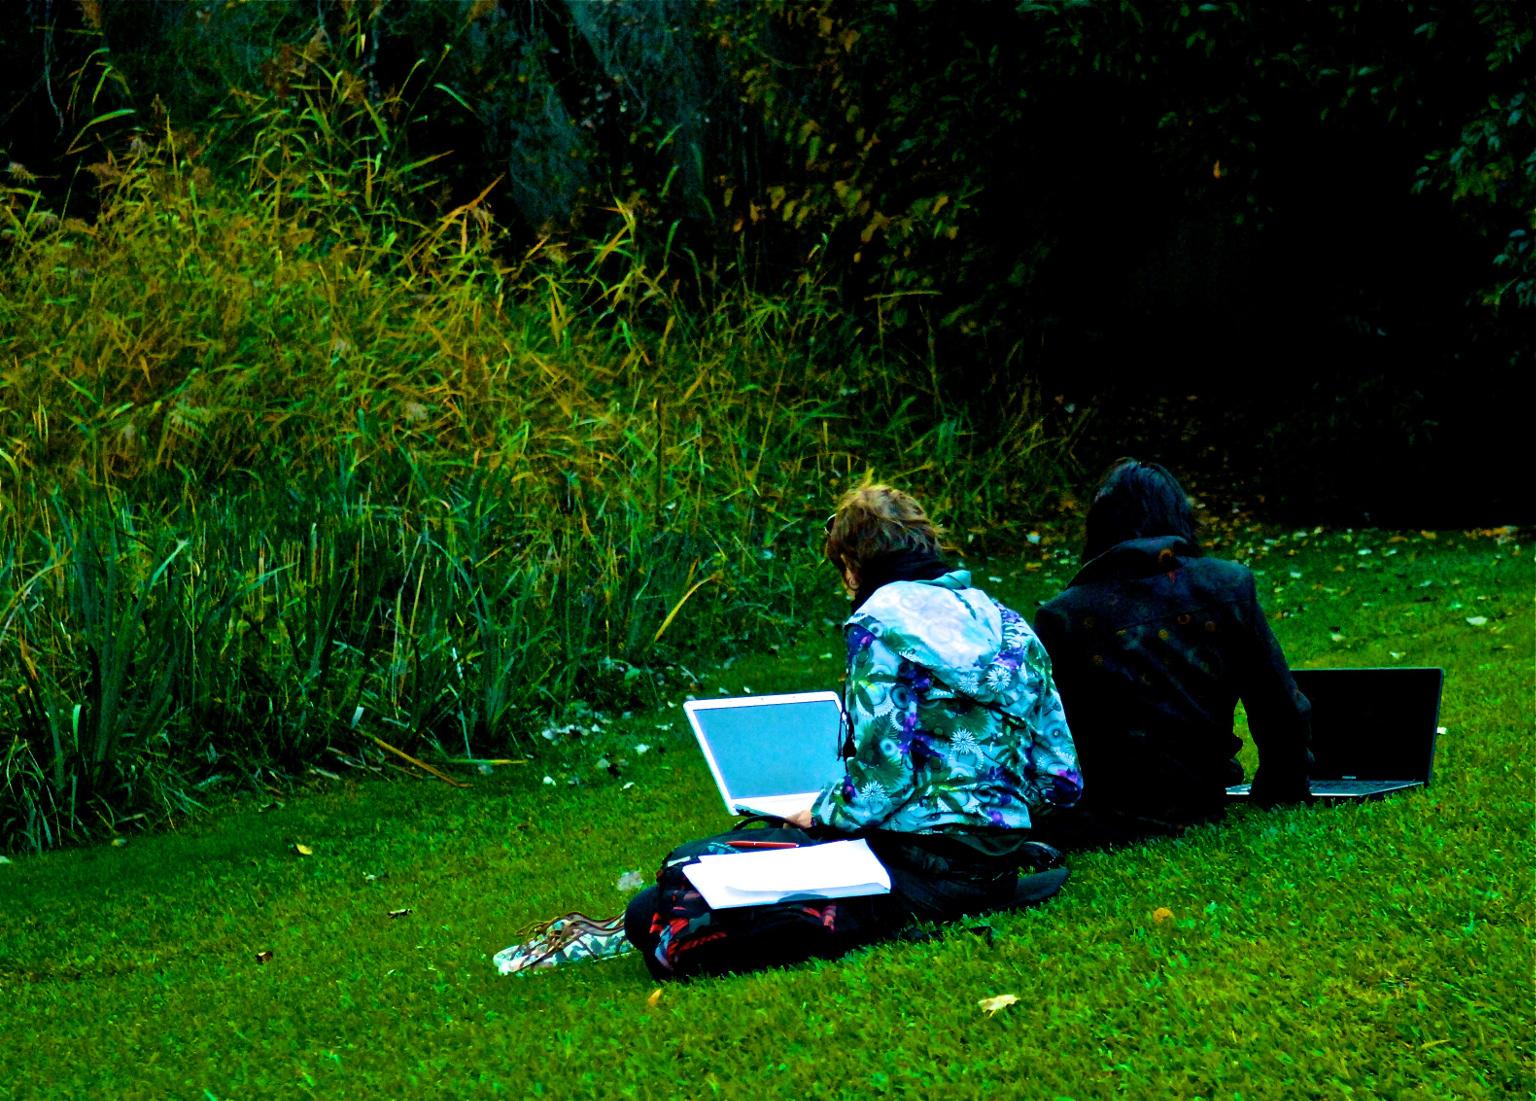 Un déjeuner sur l'herbe 2.0 dans les jardins de Lisbonne (Pedro Ribeiro Simoes/Flickr/CC) vu sur Rue89